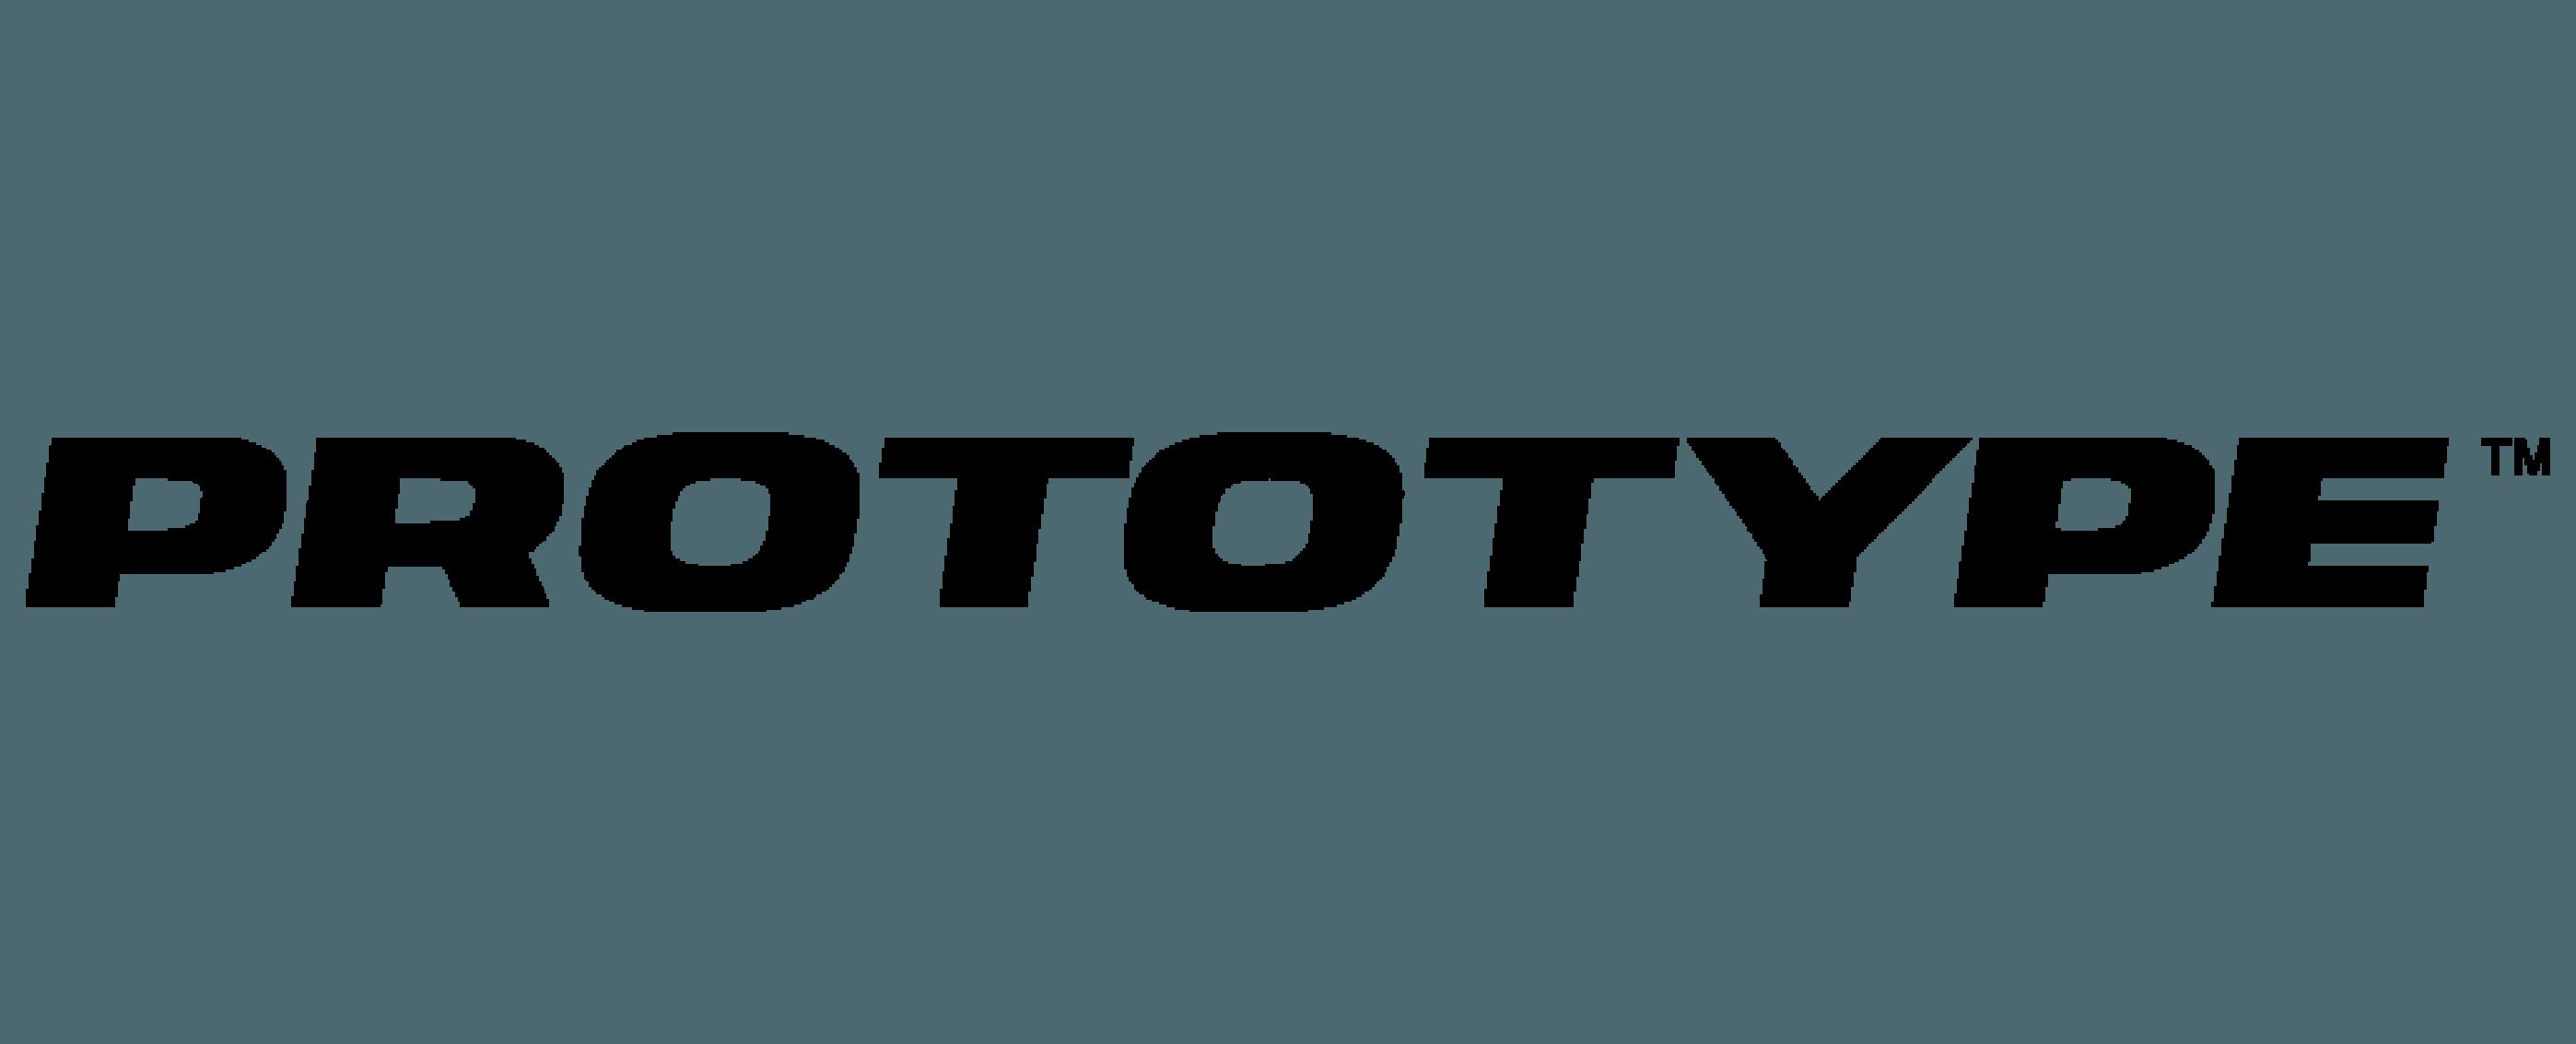 Prototyte